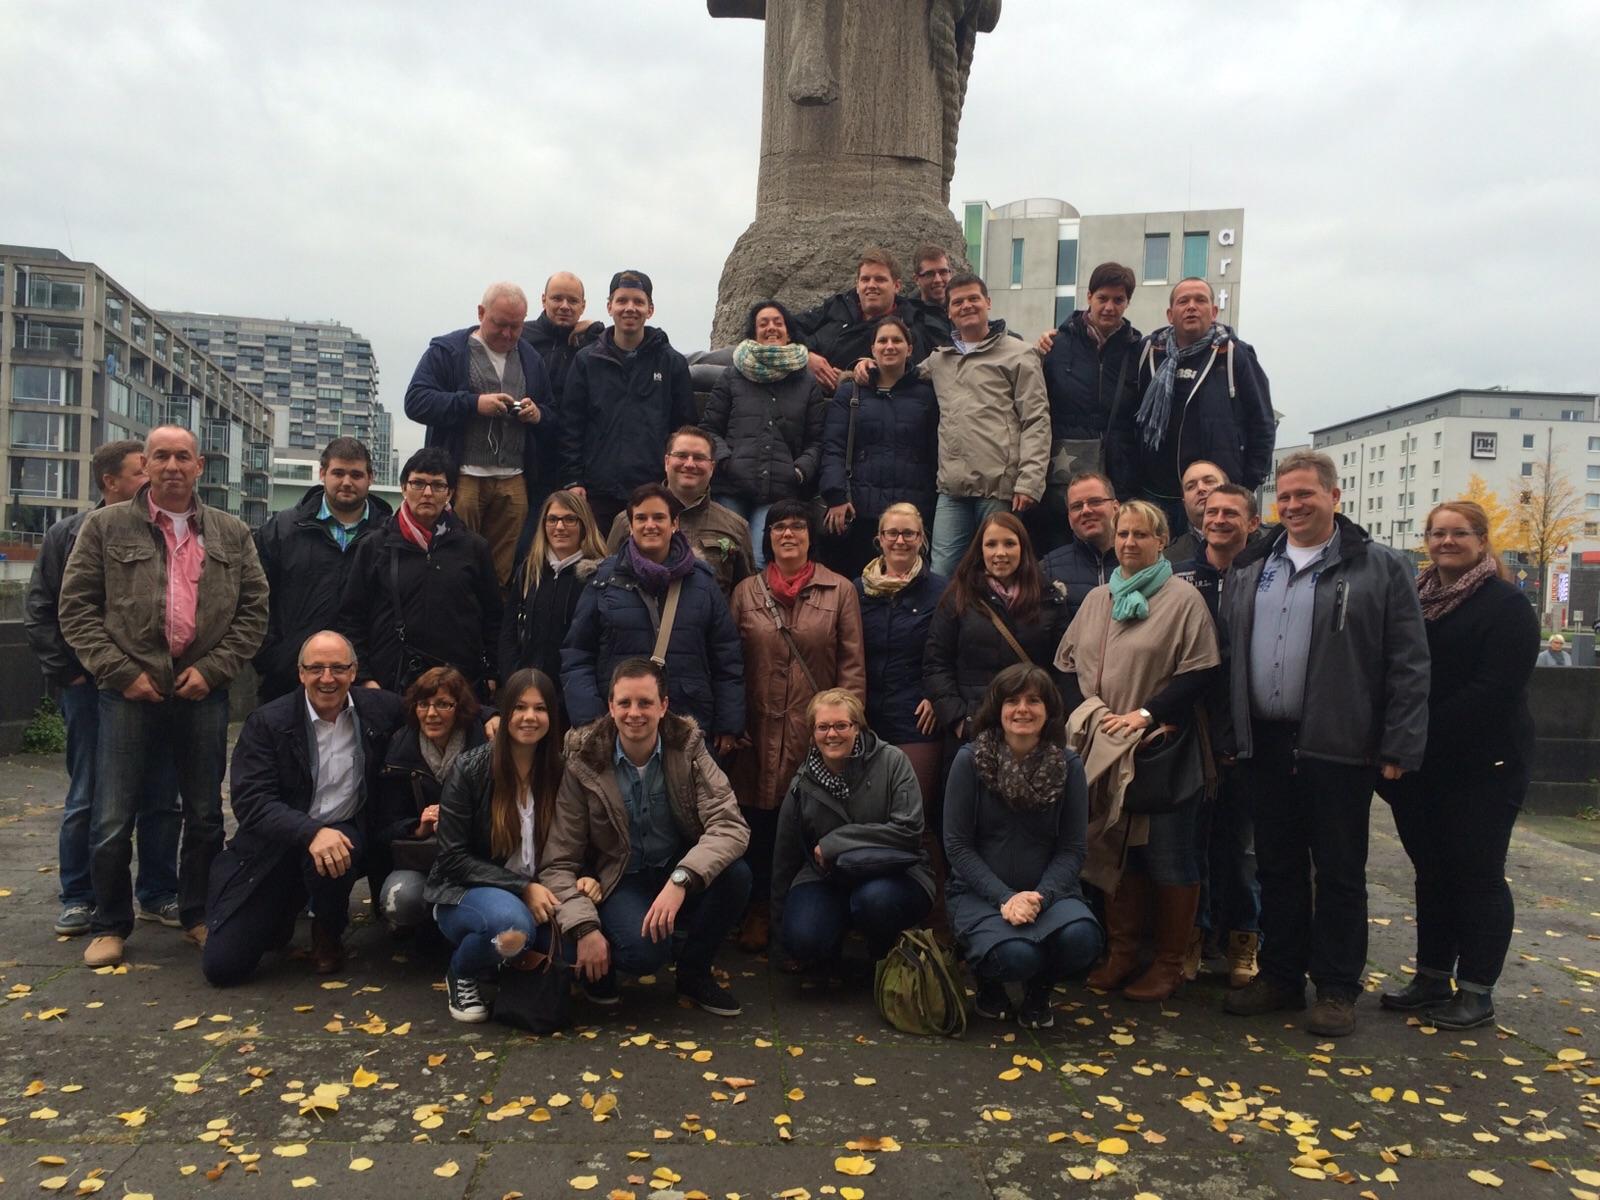 Ausflug der HBM nach Köln